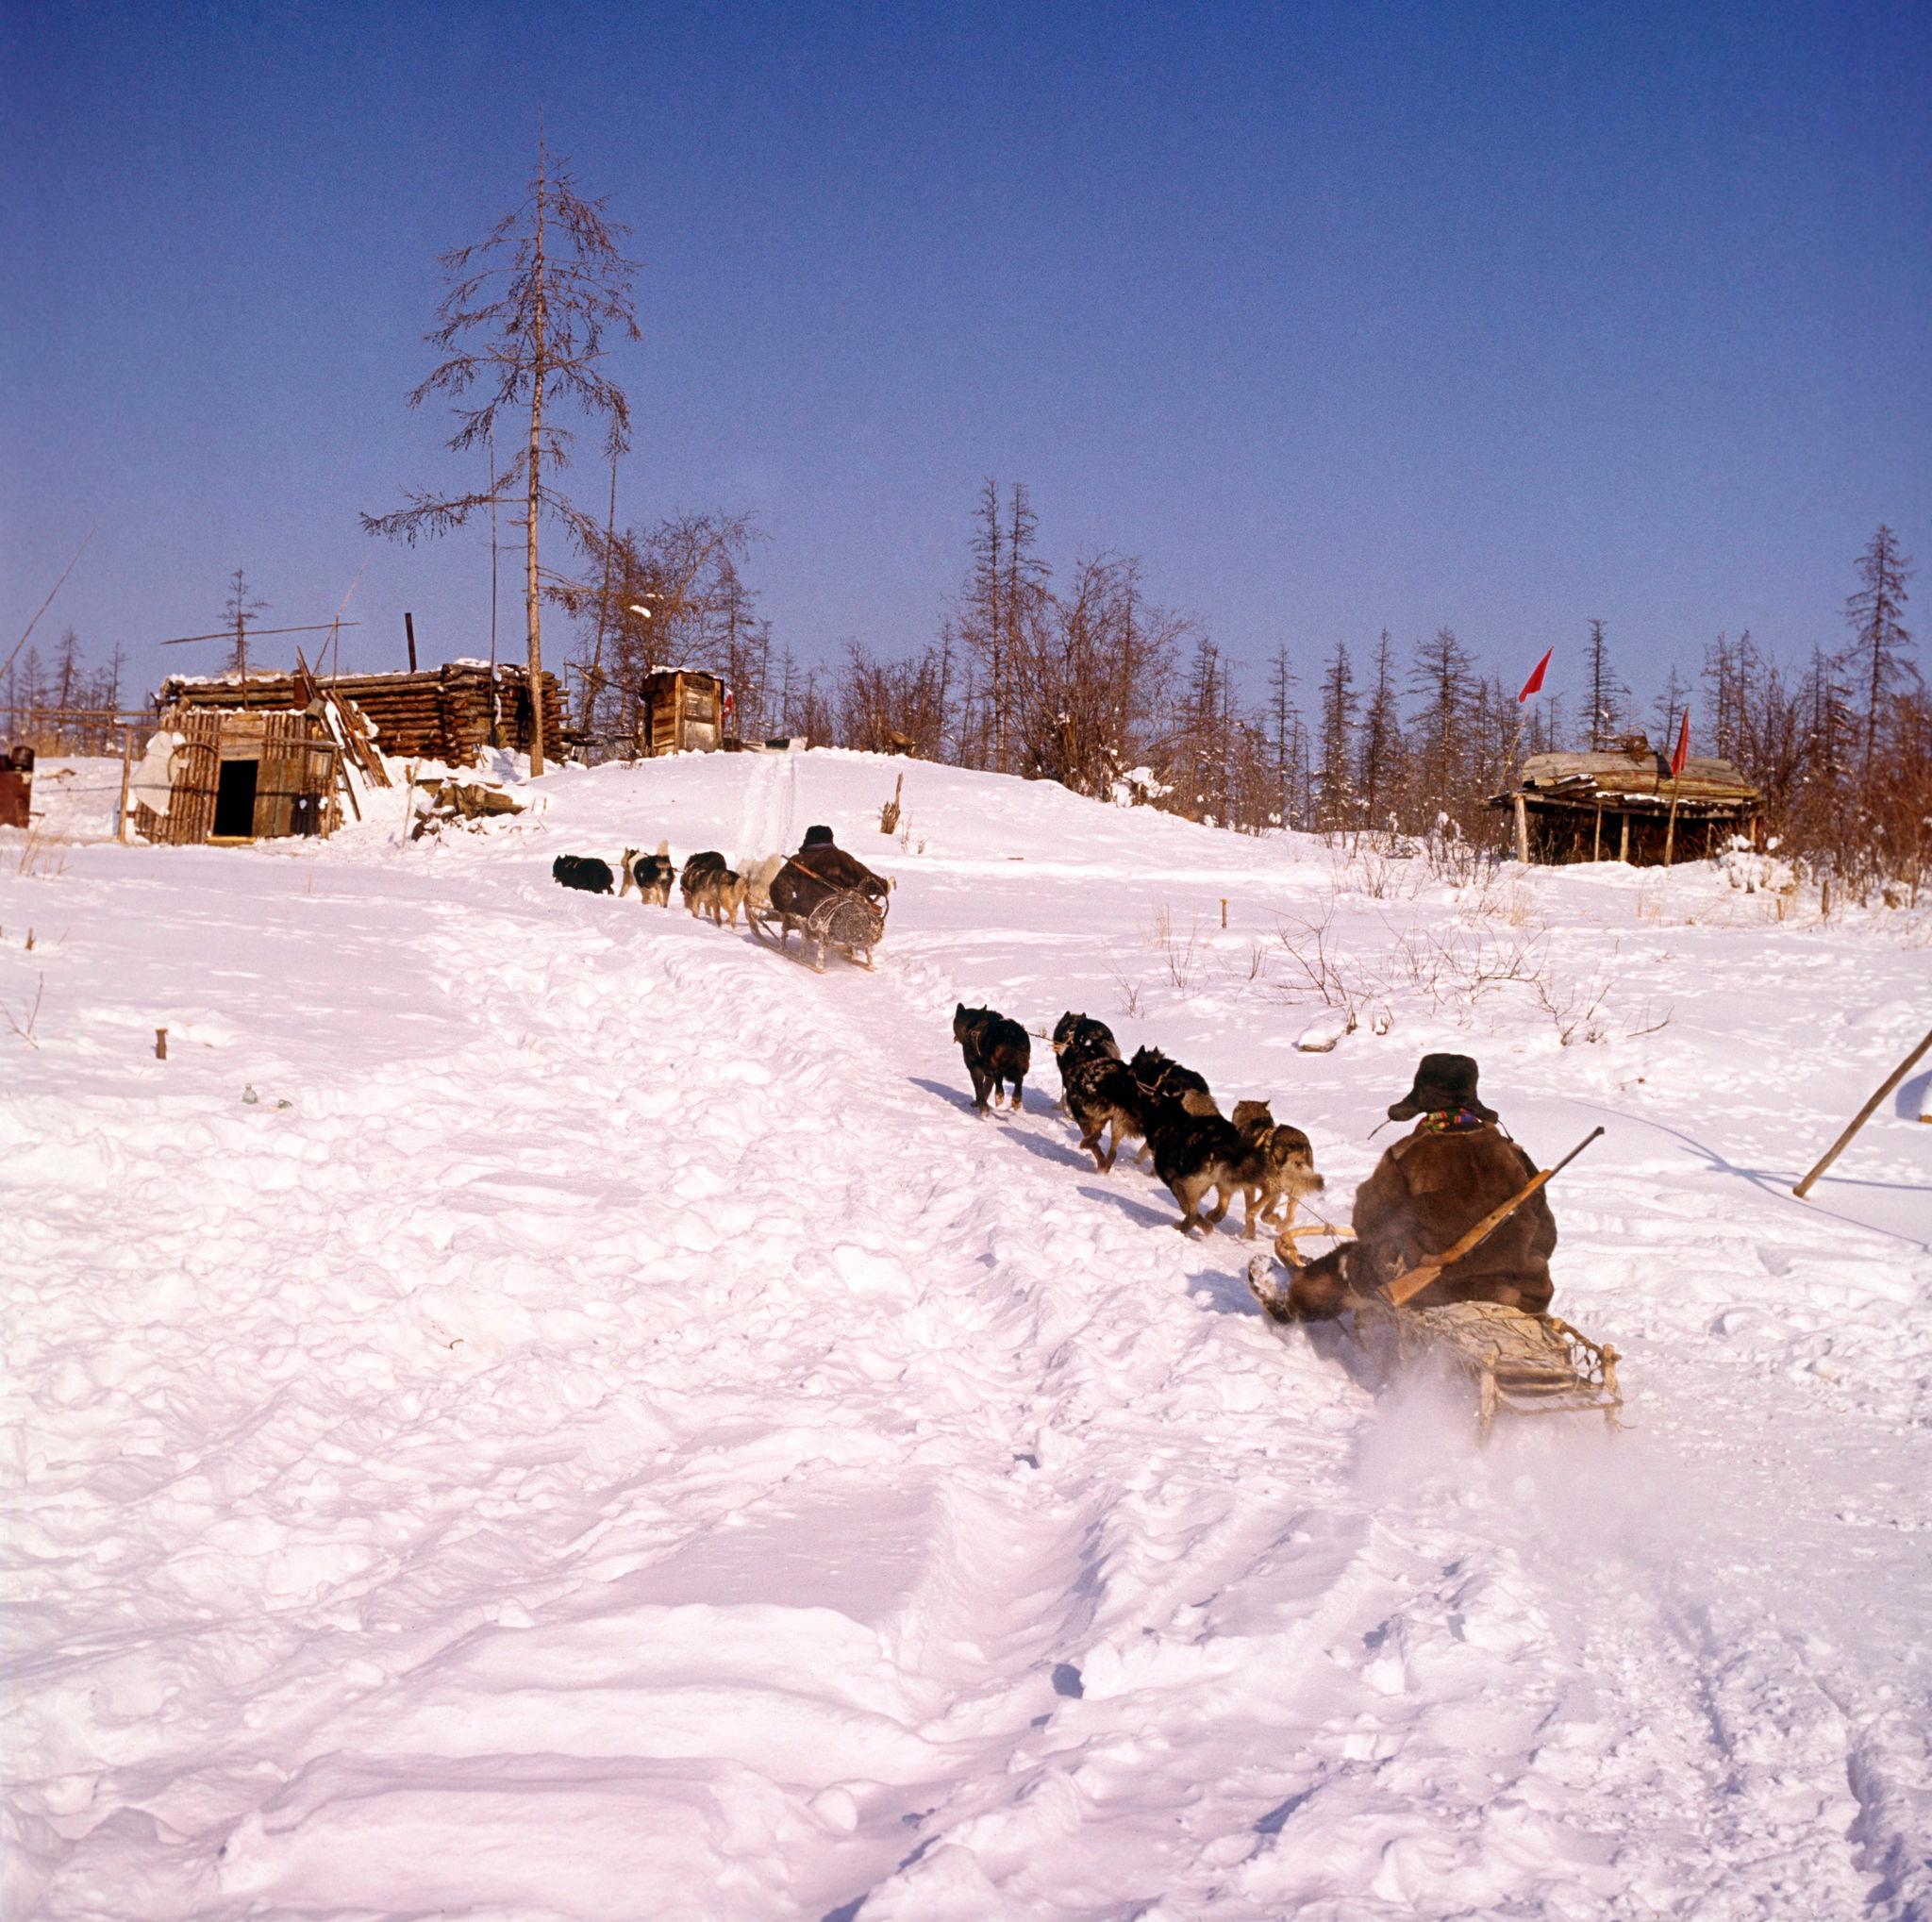 1970-е. Лена, Таежная метеостанция Китулья